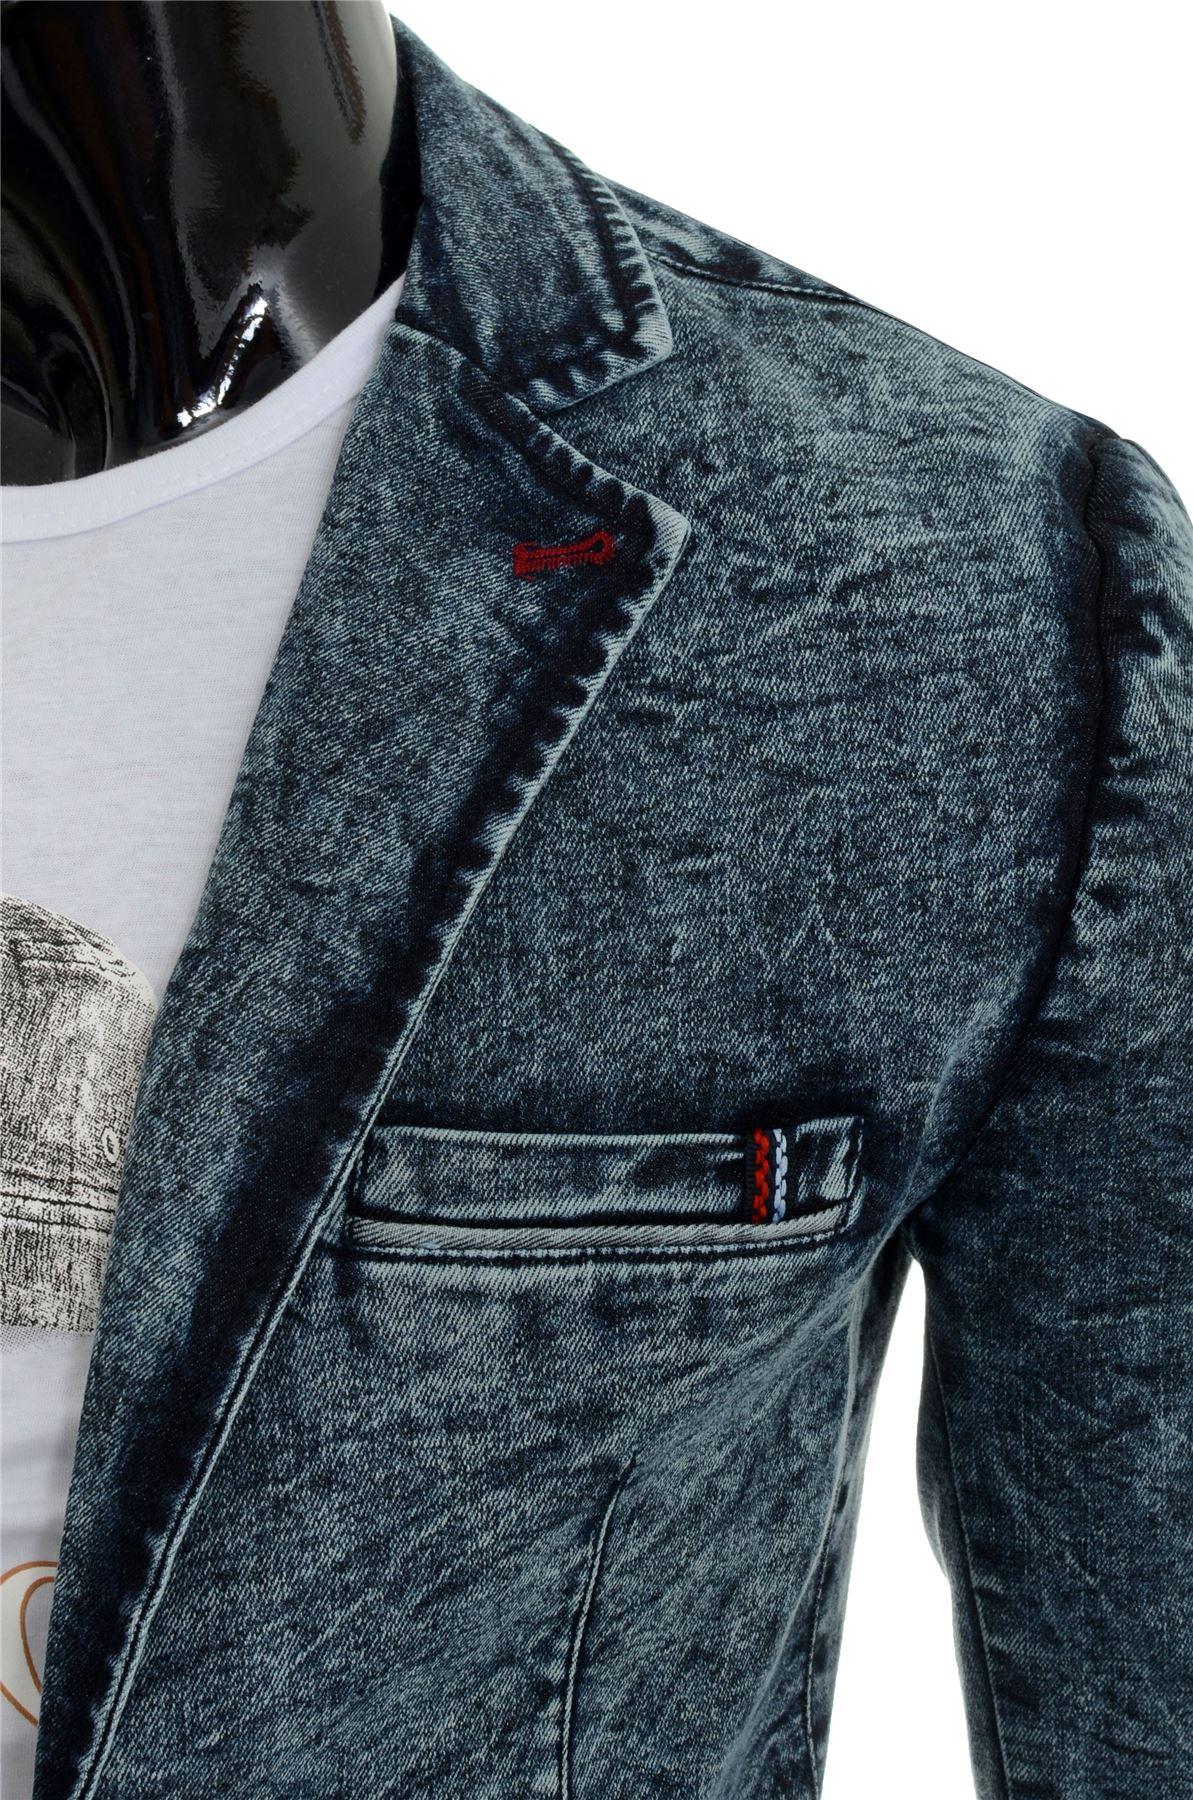 Marble Denim Dark Soft Slim Blazer Men's Jacket Fit Vintage Cotton Print Blue gq0wHU7d